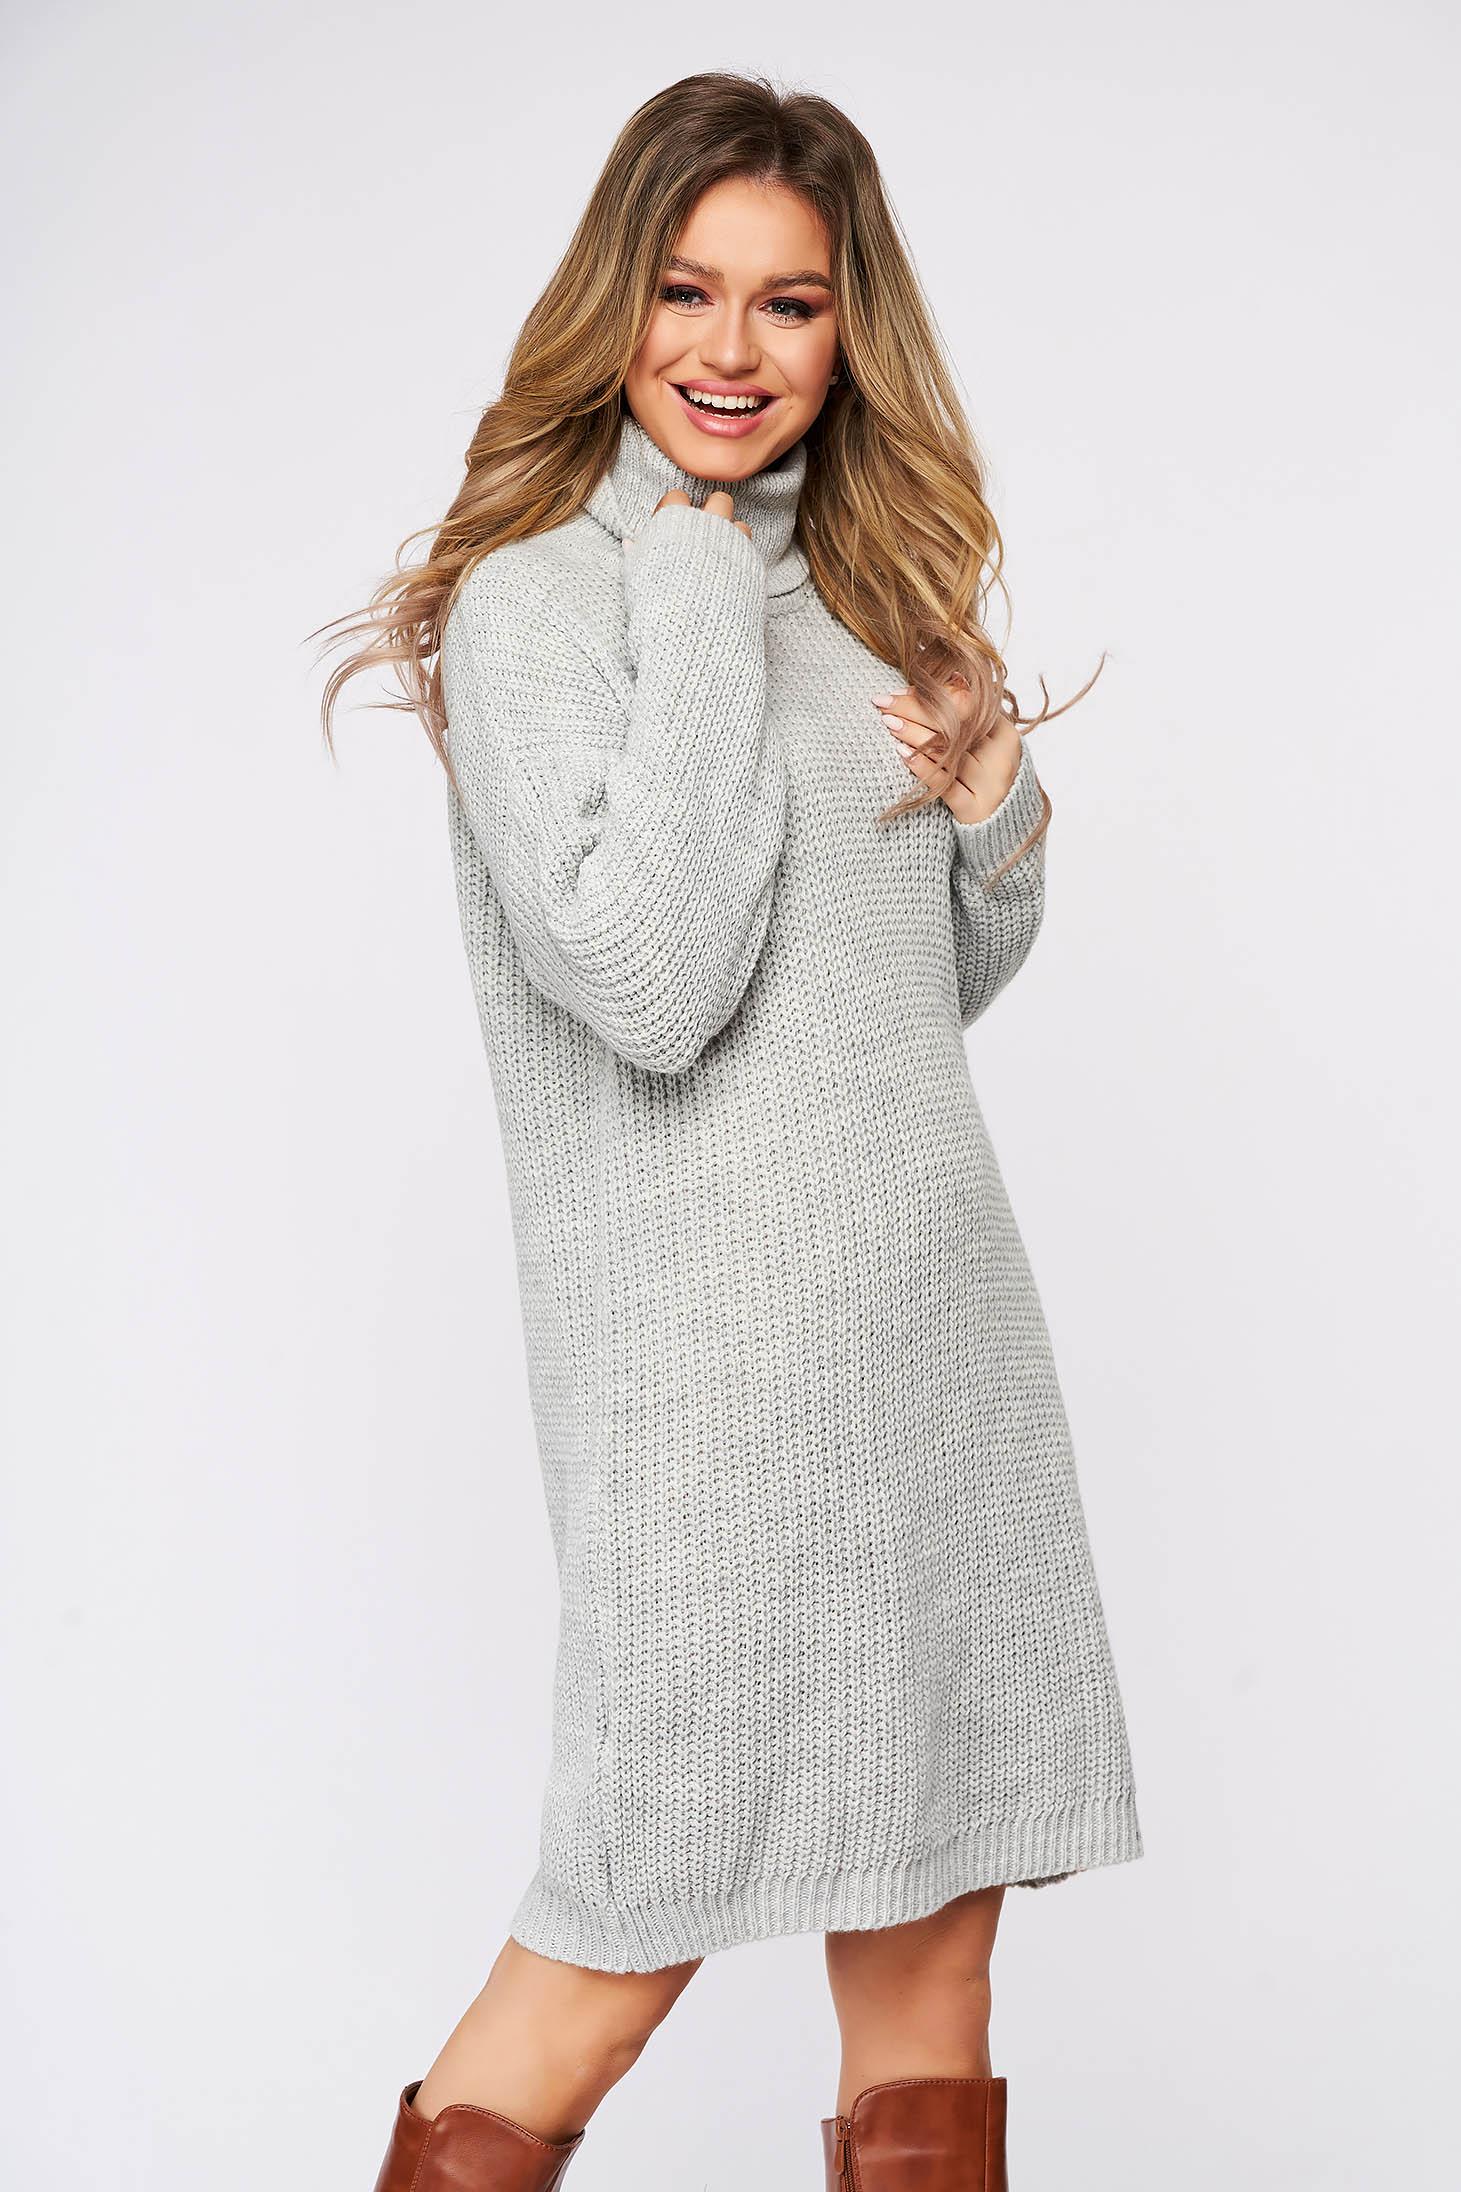 Rochie SunShine casual gri din material tricotat pe gat cu croi larg